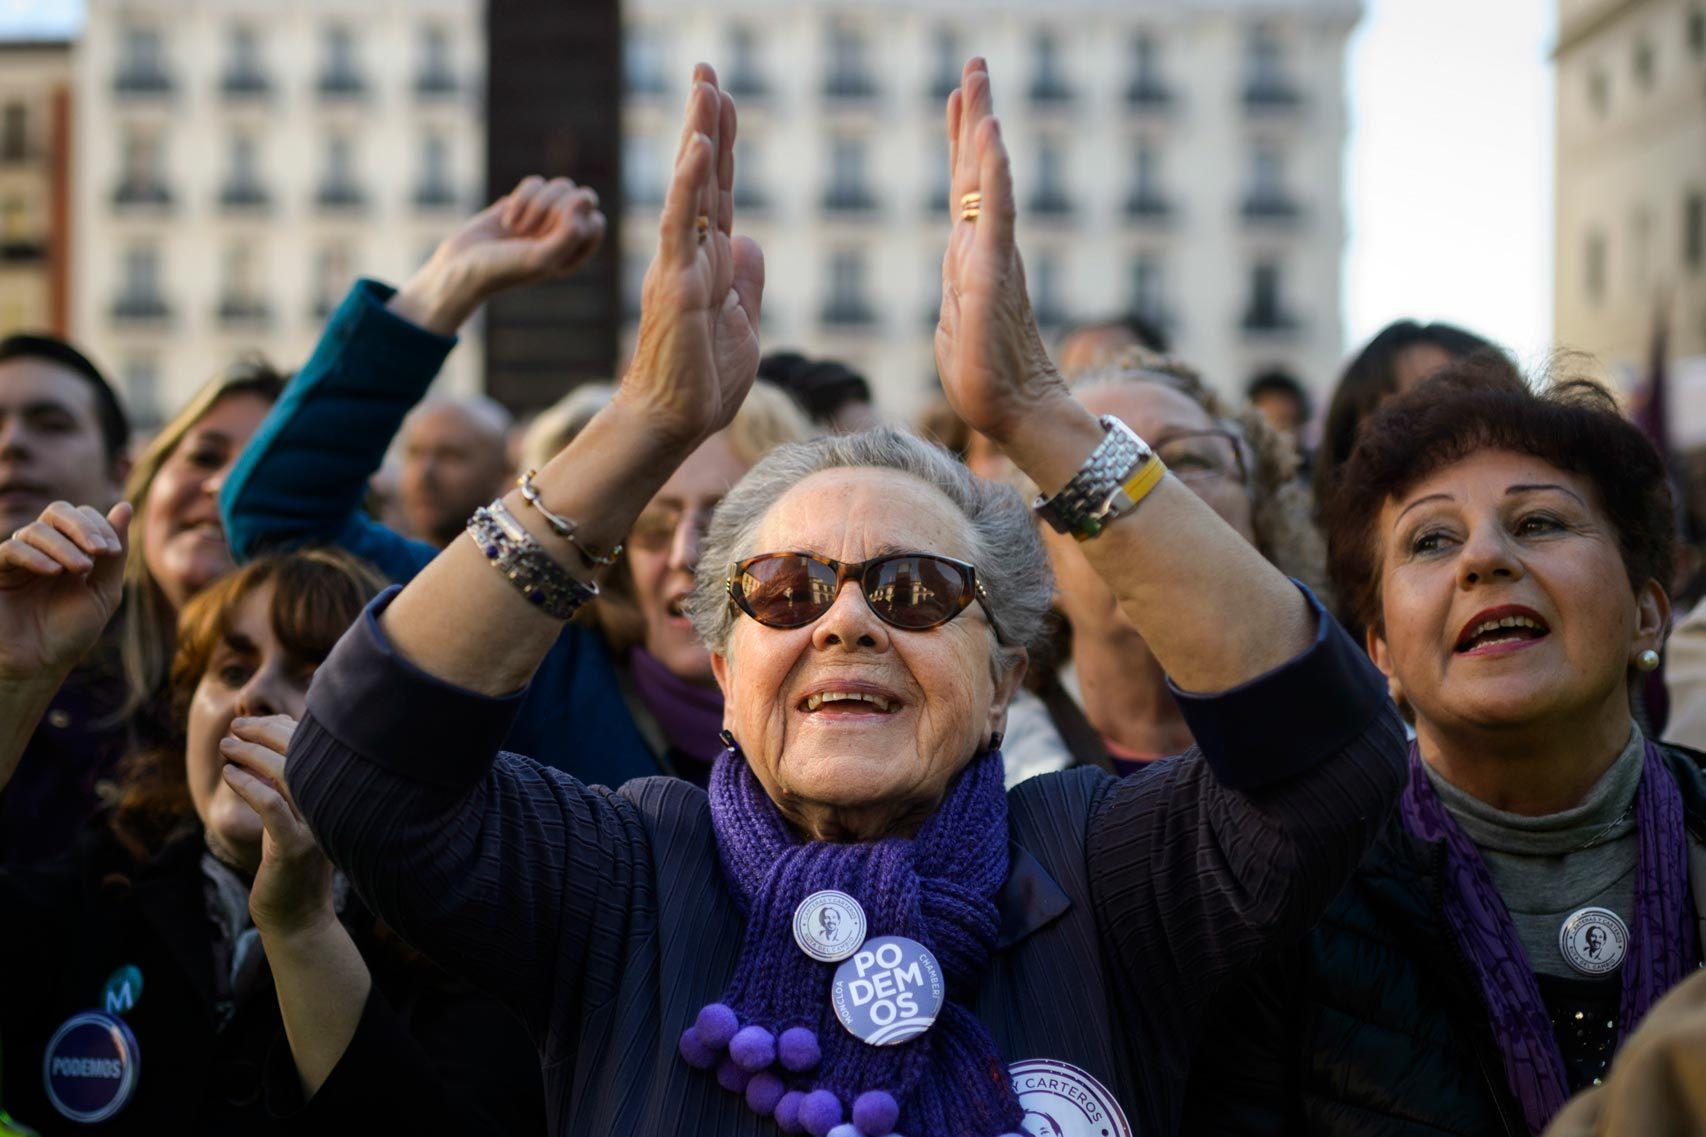 Seguidores de Podemos asisten a un acto electoral de Pablo Iglesias.